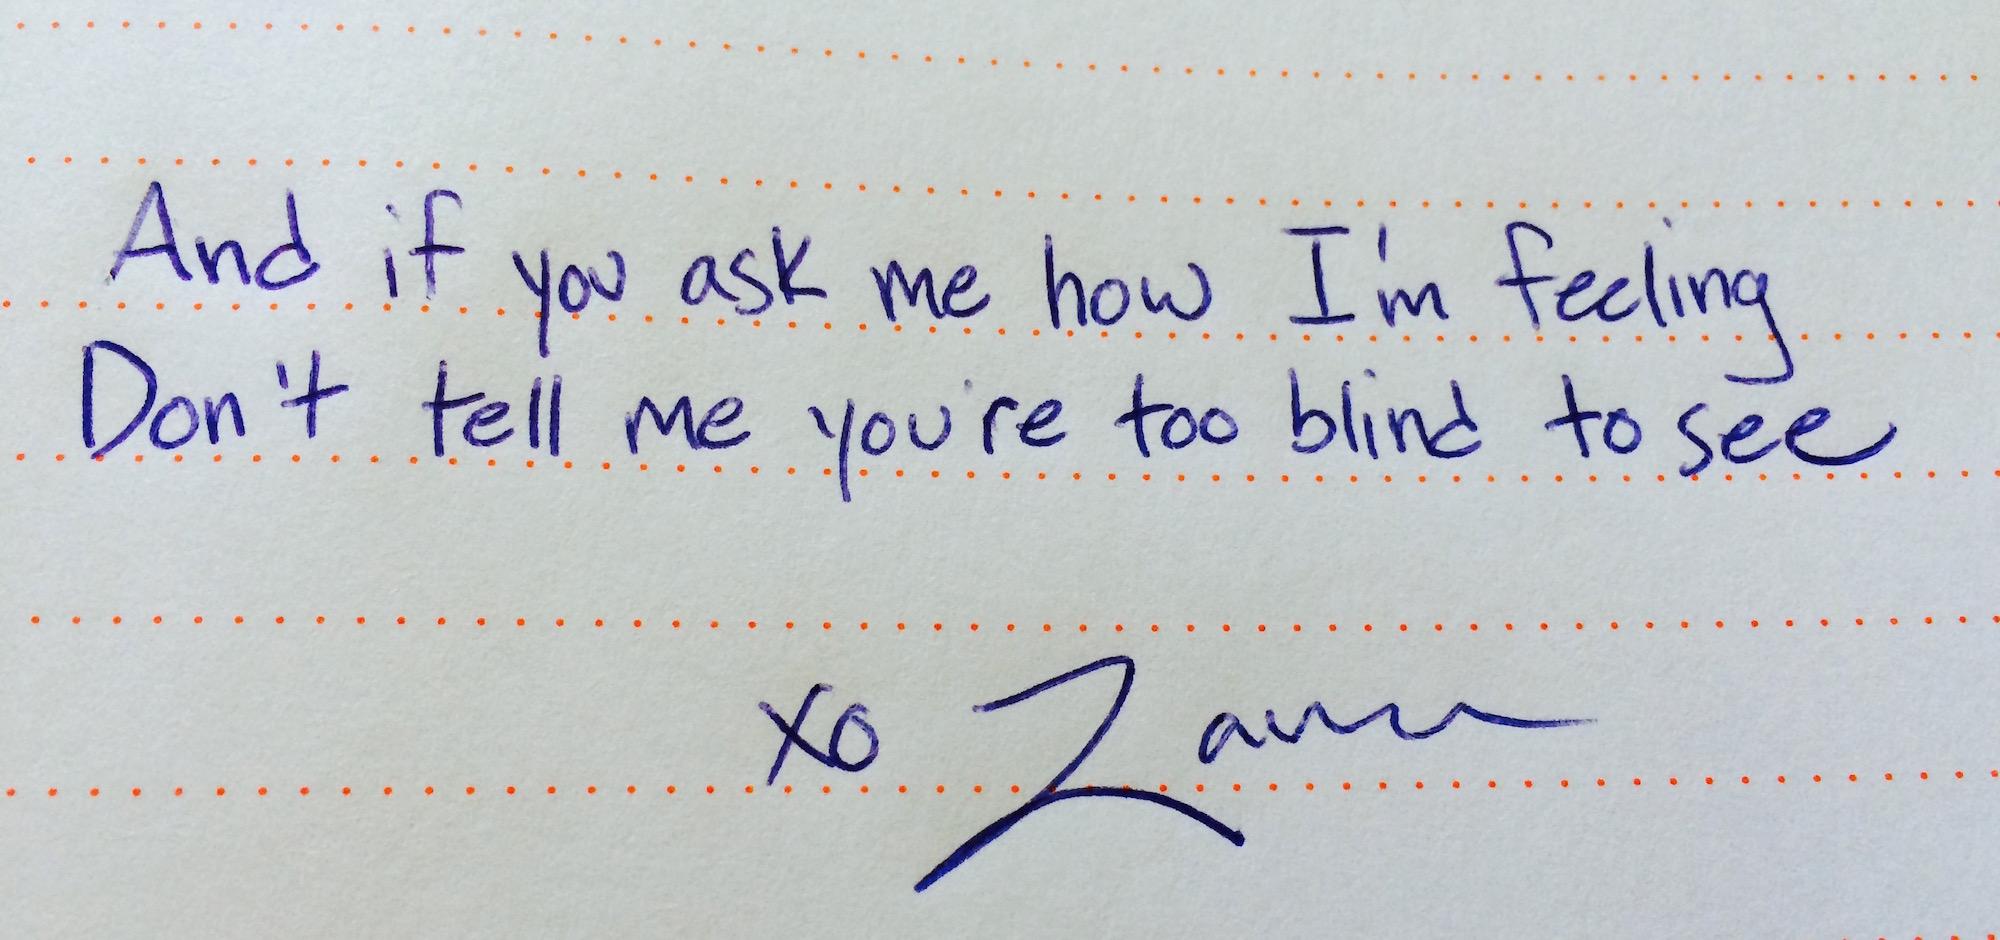 lauren writes